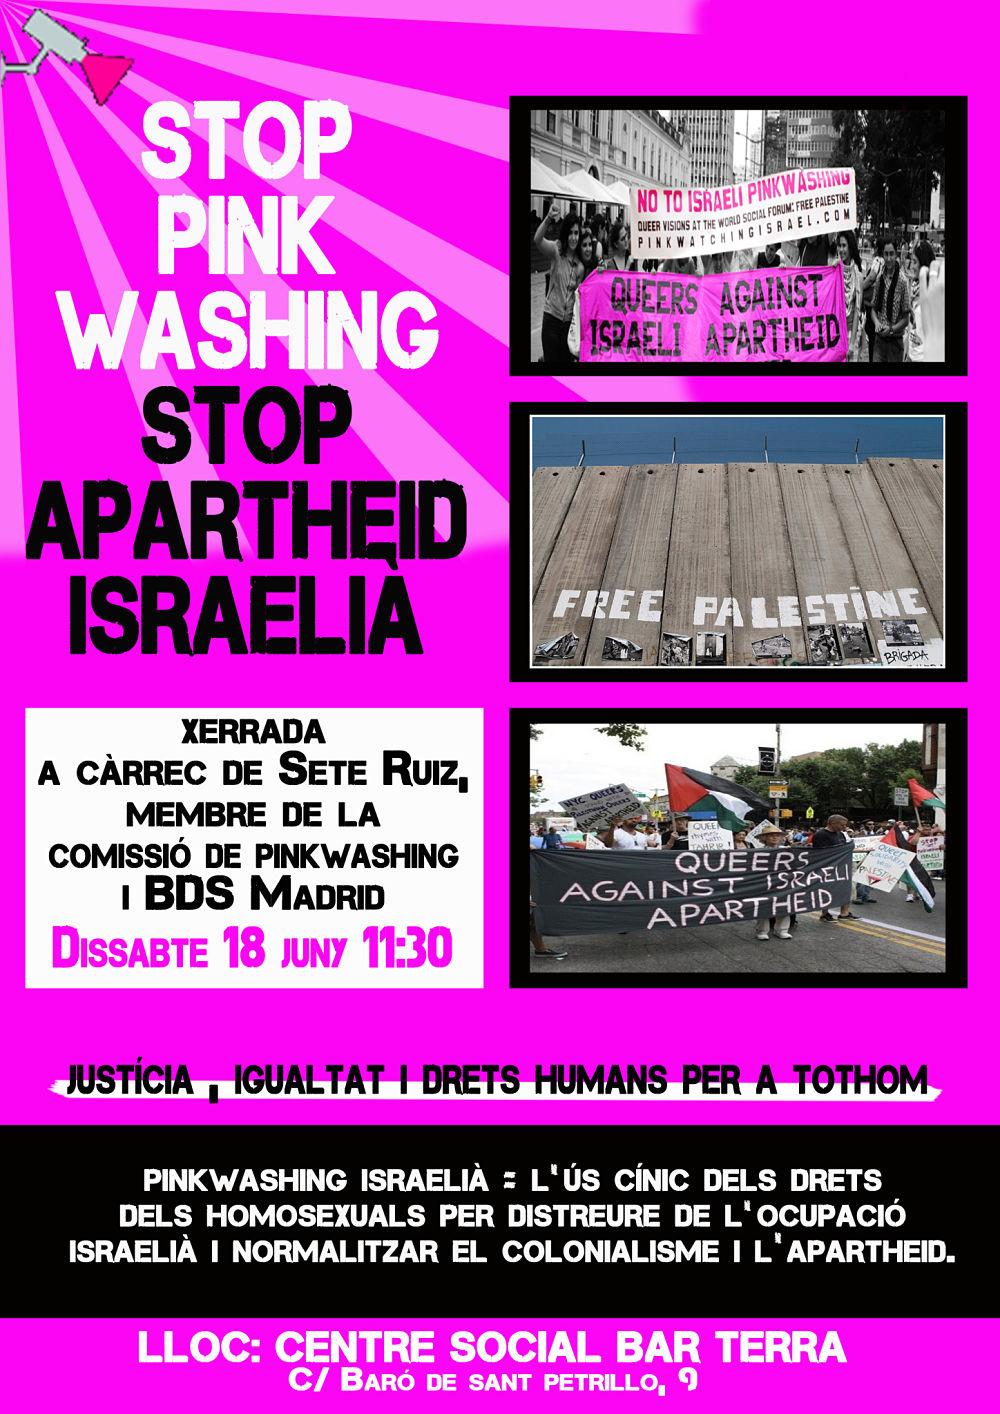 pinkwashing_opt (2)